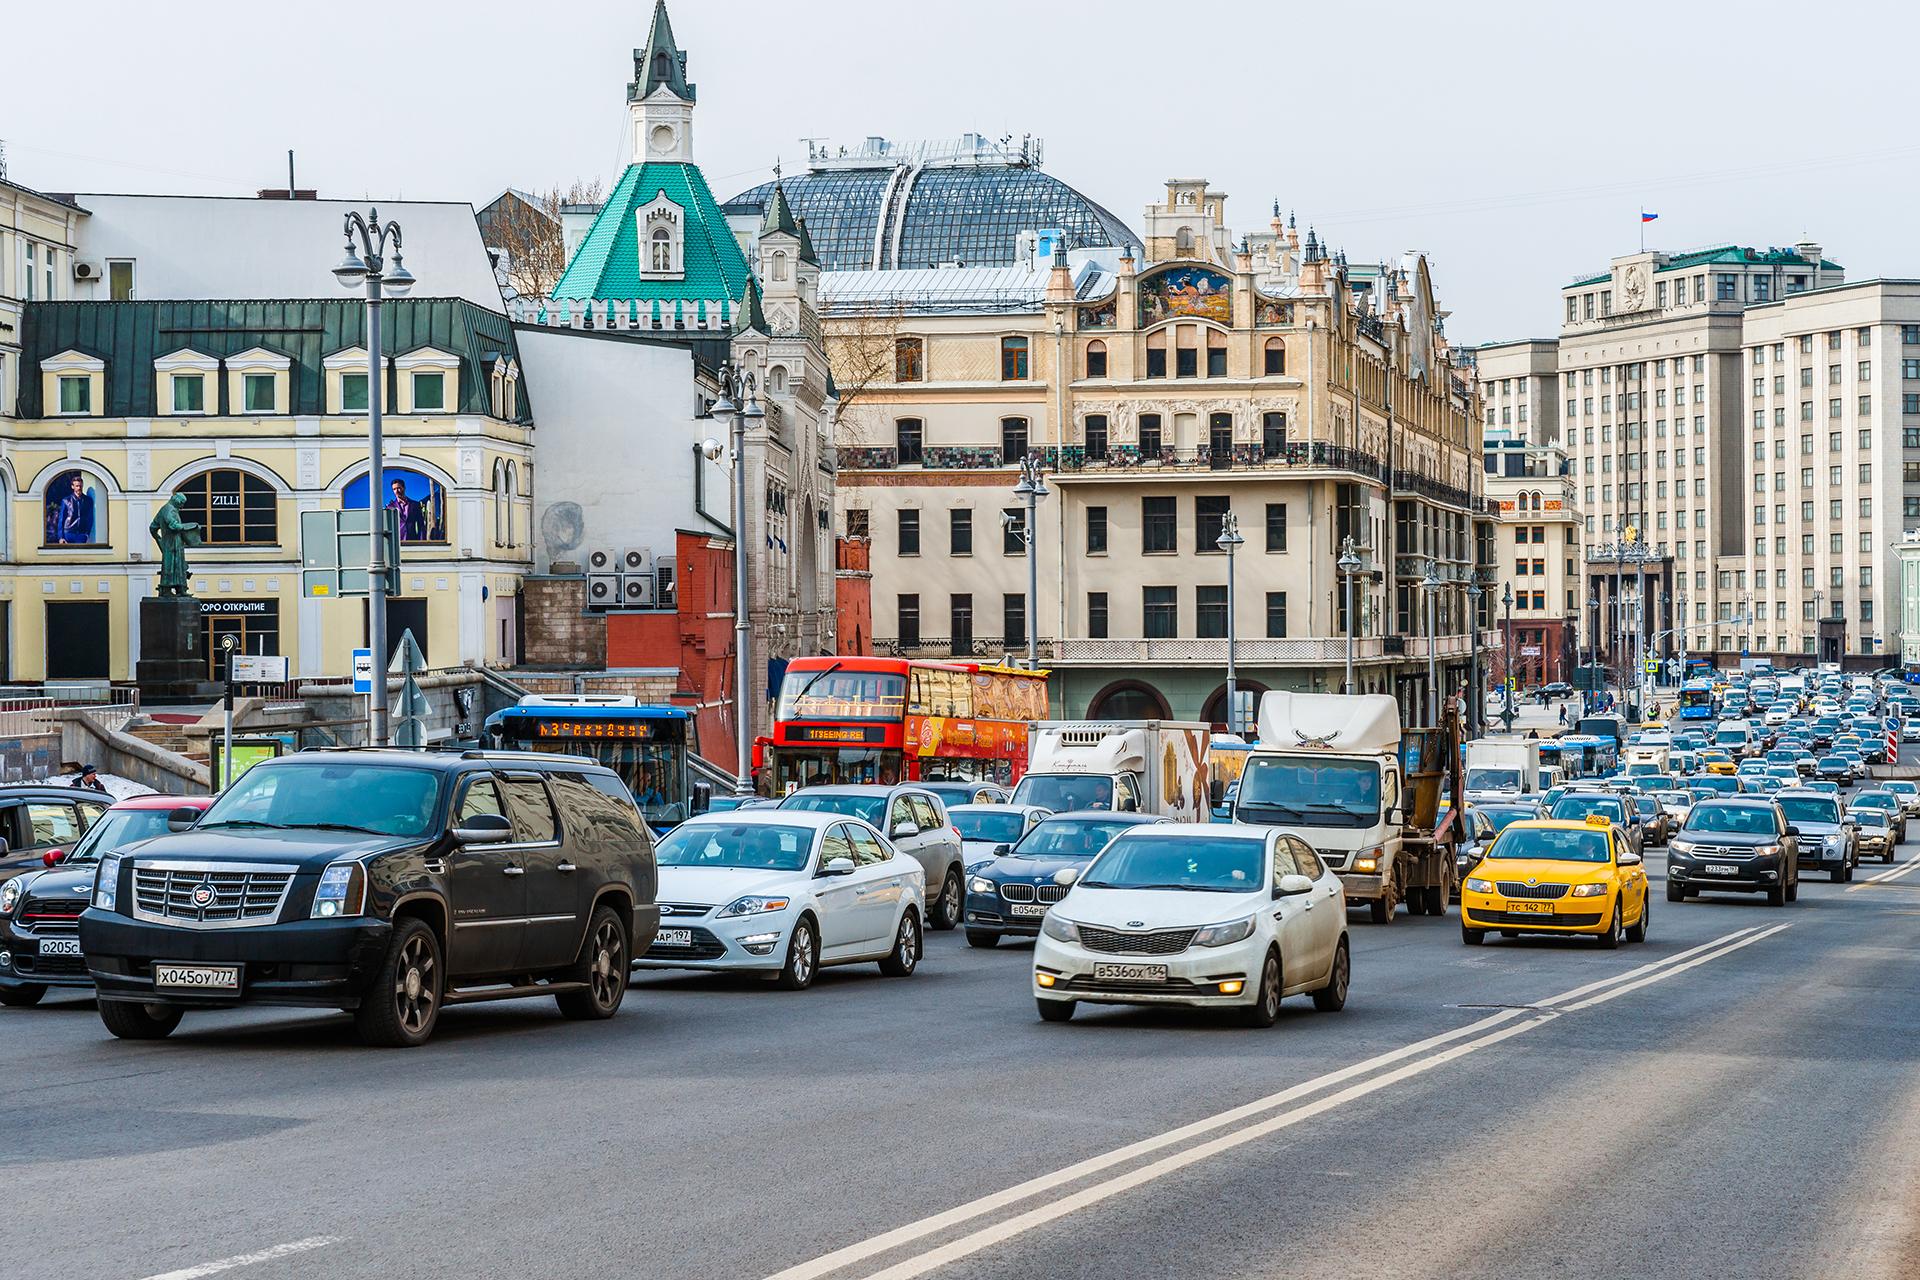 A pesar de la problemática de los taxistas sin licencia, la ciudad de Moscú cuenta con alrededor de 60.000 con licencia para transportar pasajeros (Getty Images)